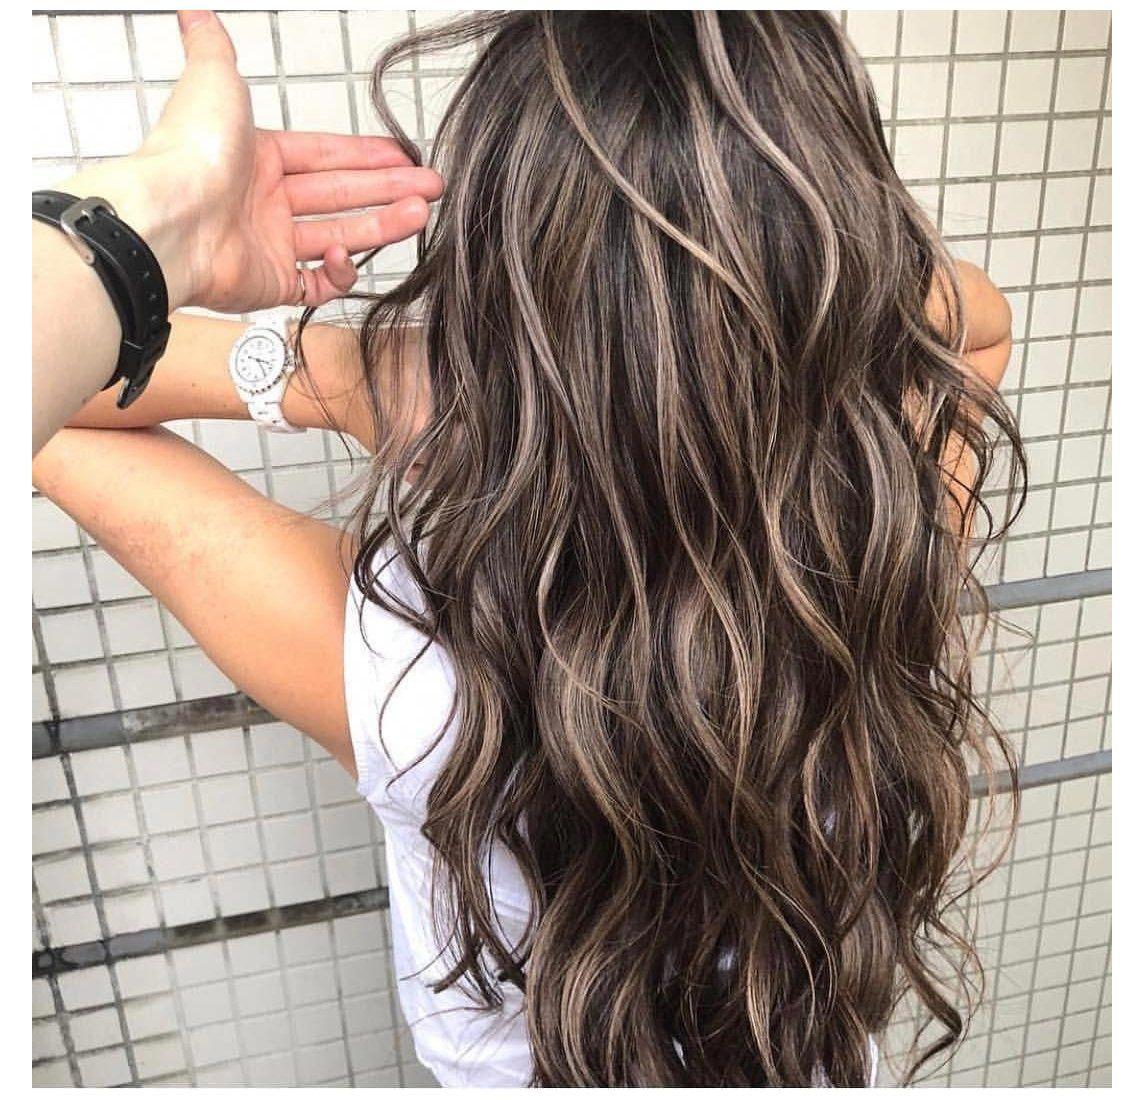 Pin On Cabelo Tendencia 2020 Bleach Blonde Highlights On Dark Hair Jul 9 2020 Luzes Loiras In 2020 Long Hair Styles Dark Hair With Highlights Hair Highlights